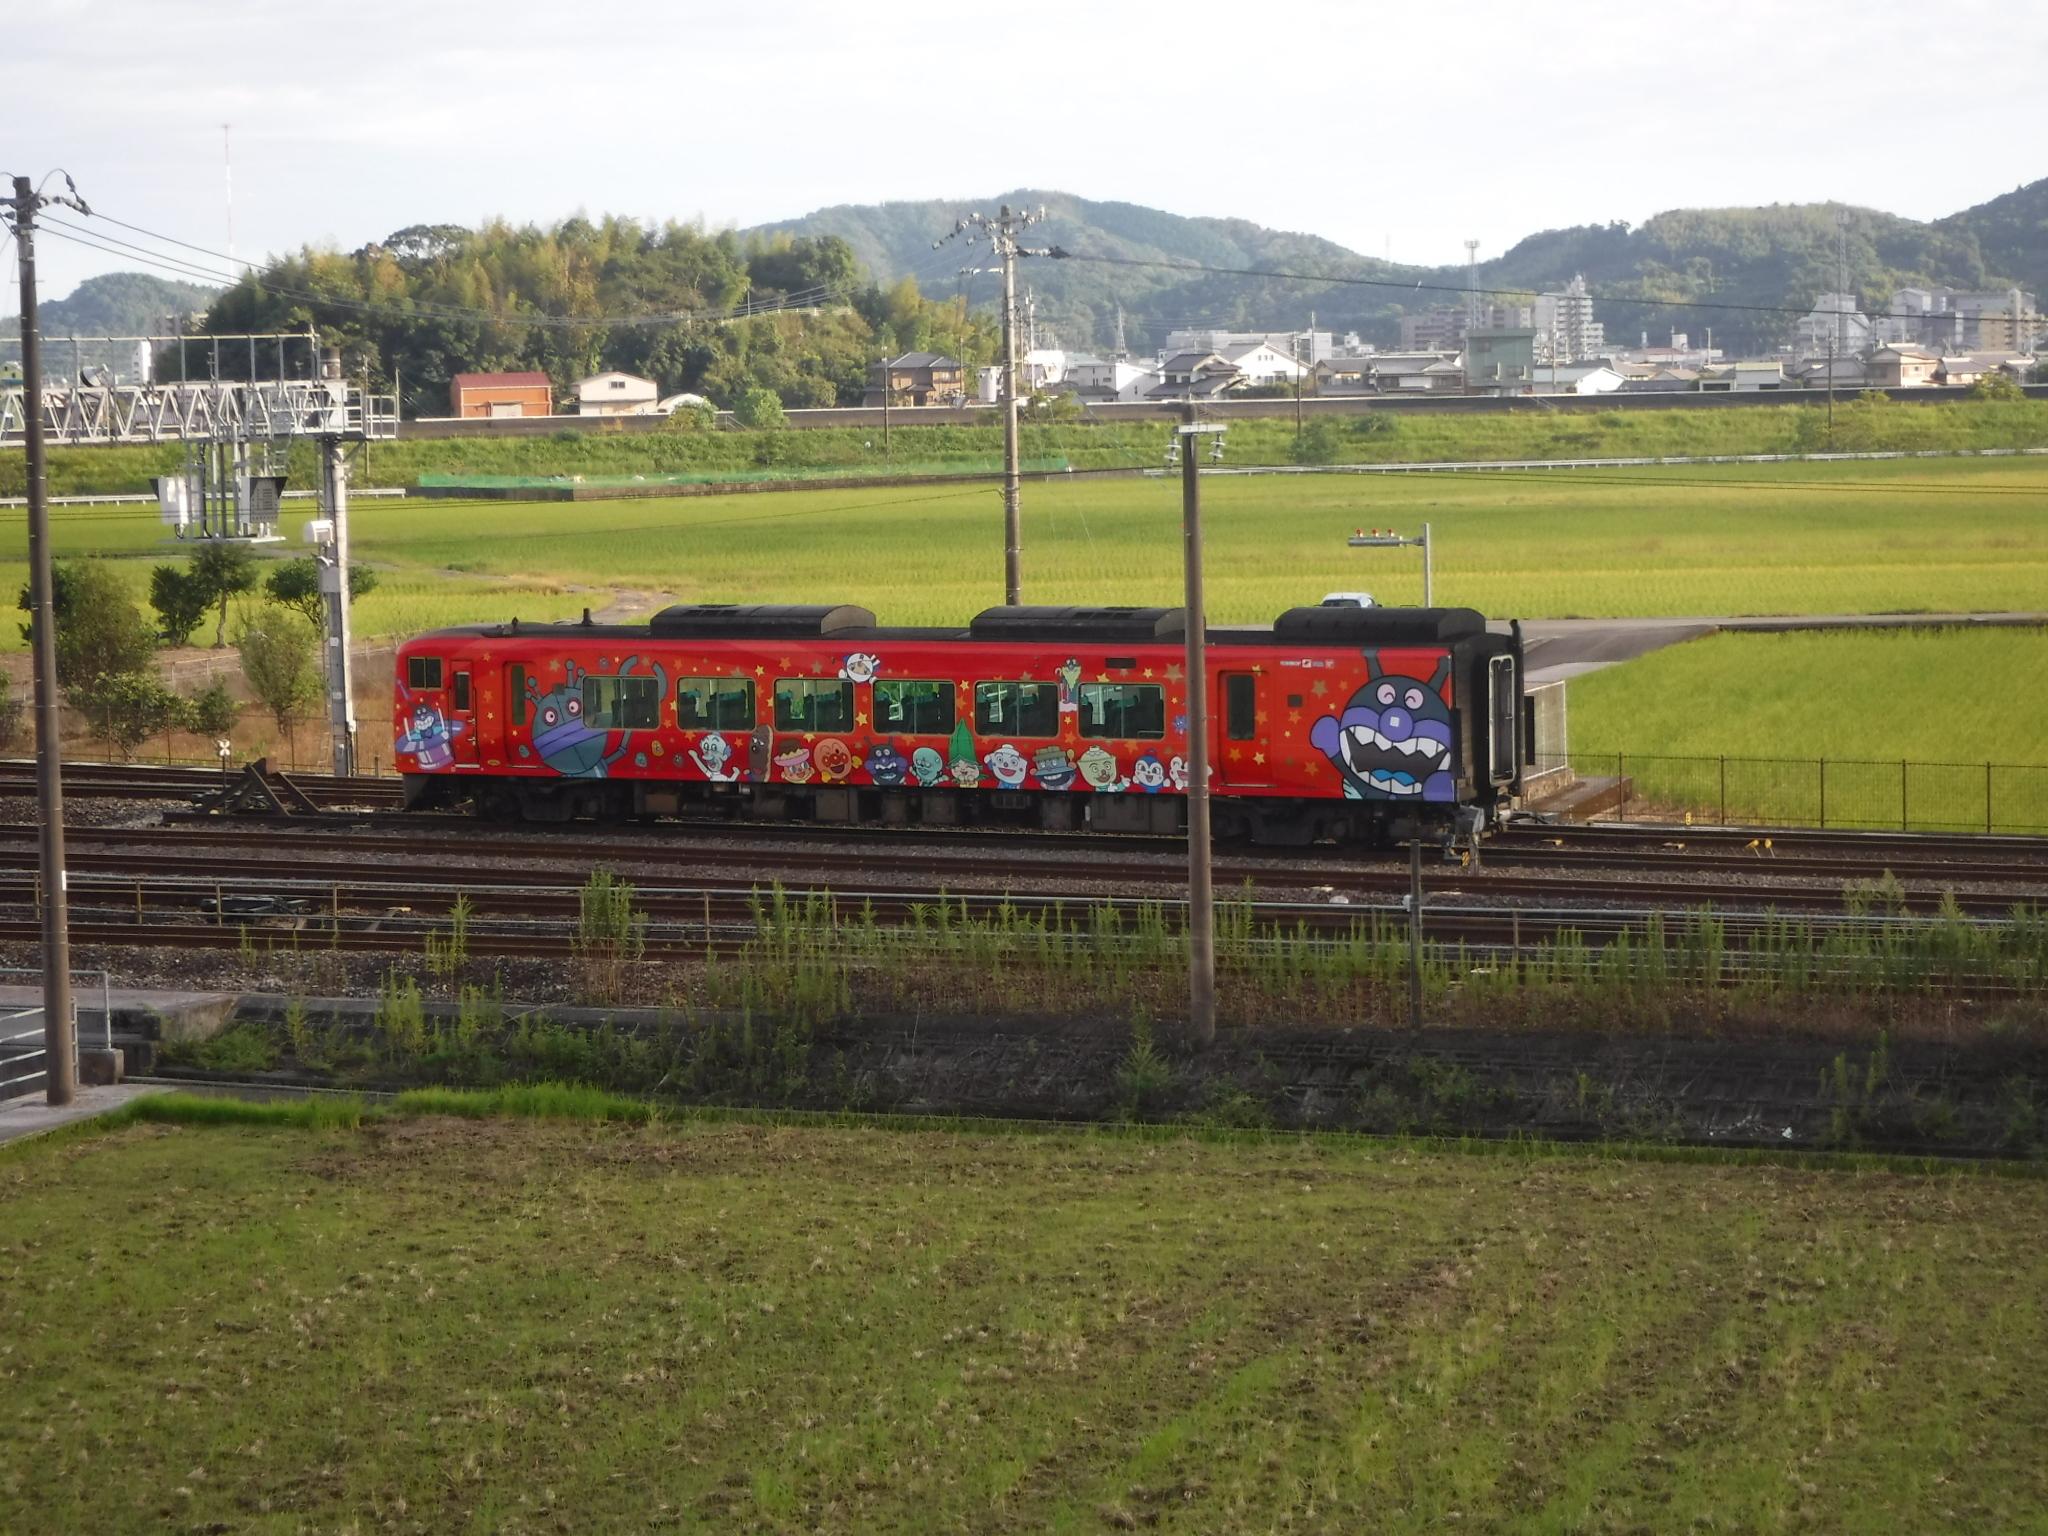 DSCF6625.jpg